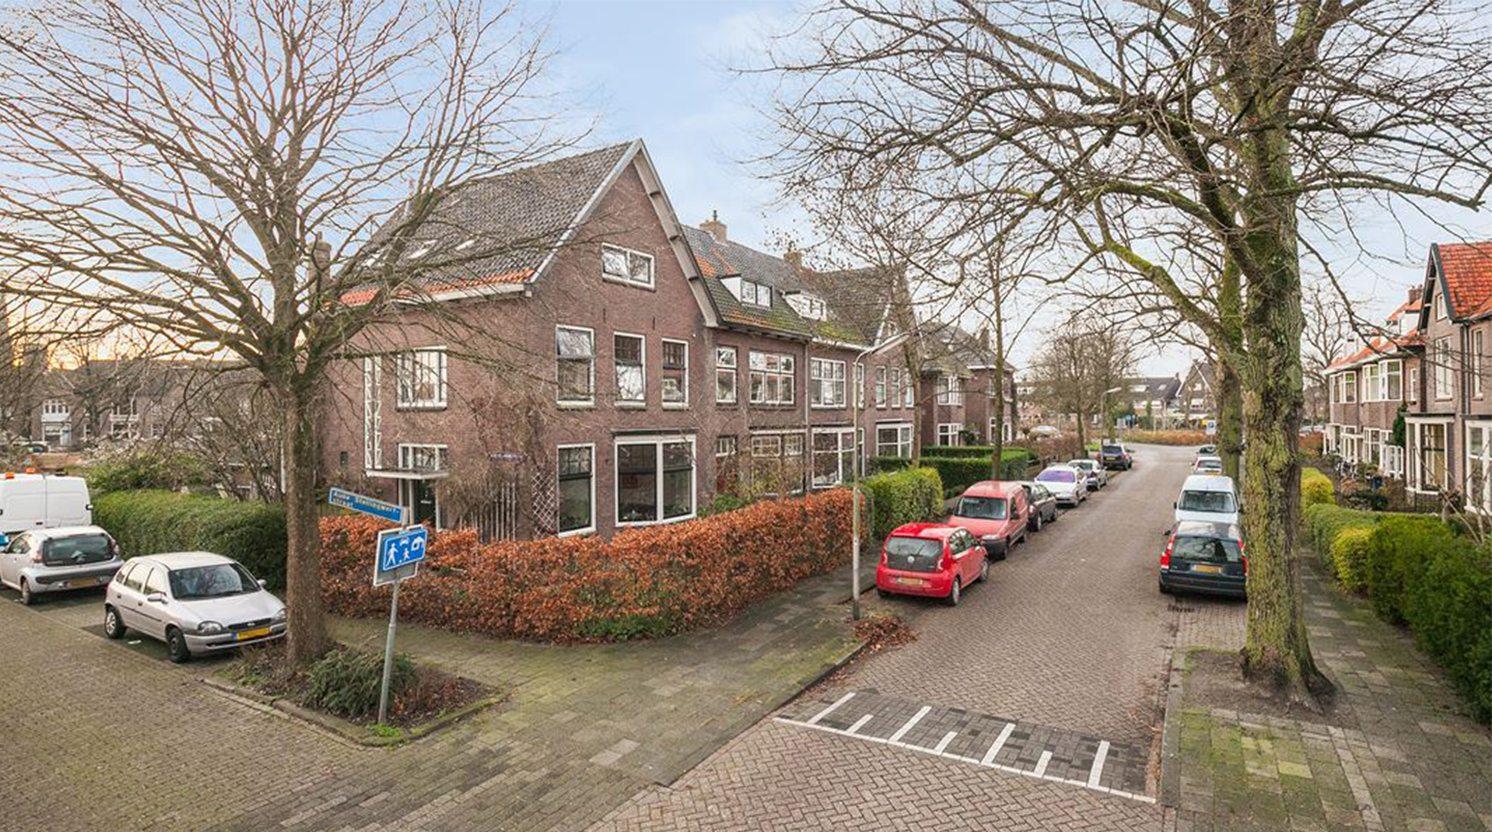 € 6000 Nul op de meter subsidie vanuit Provincie Friesland